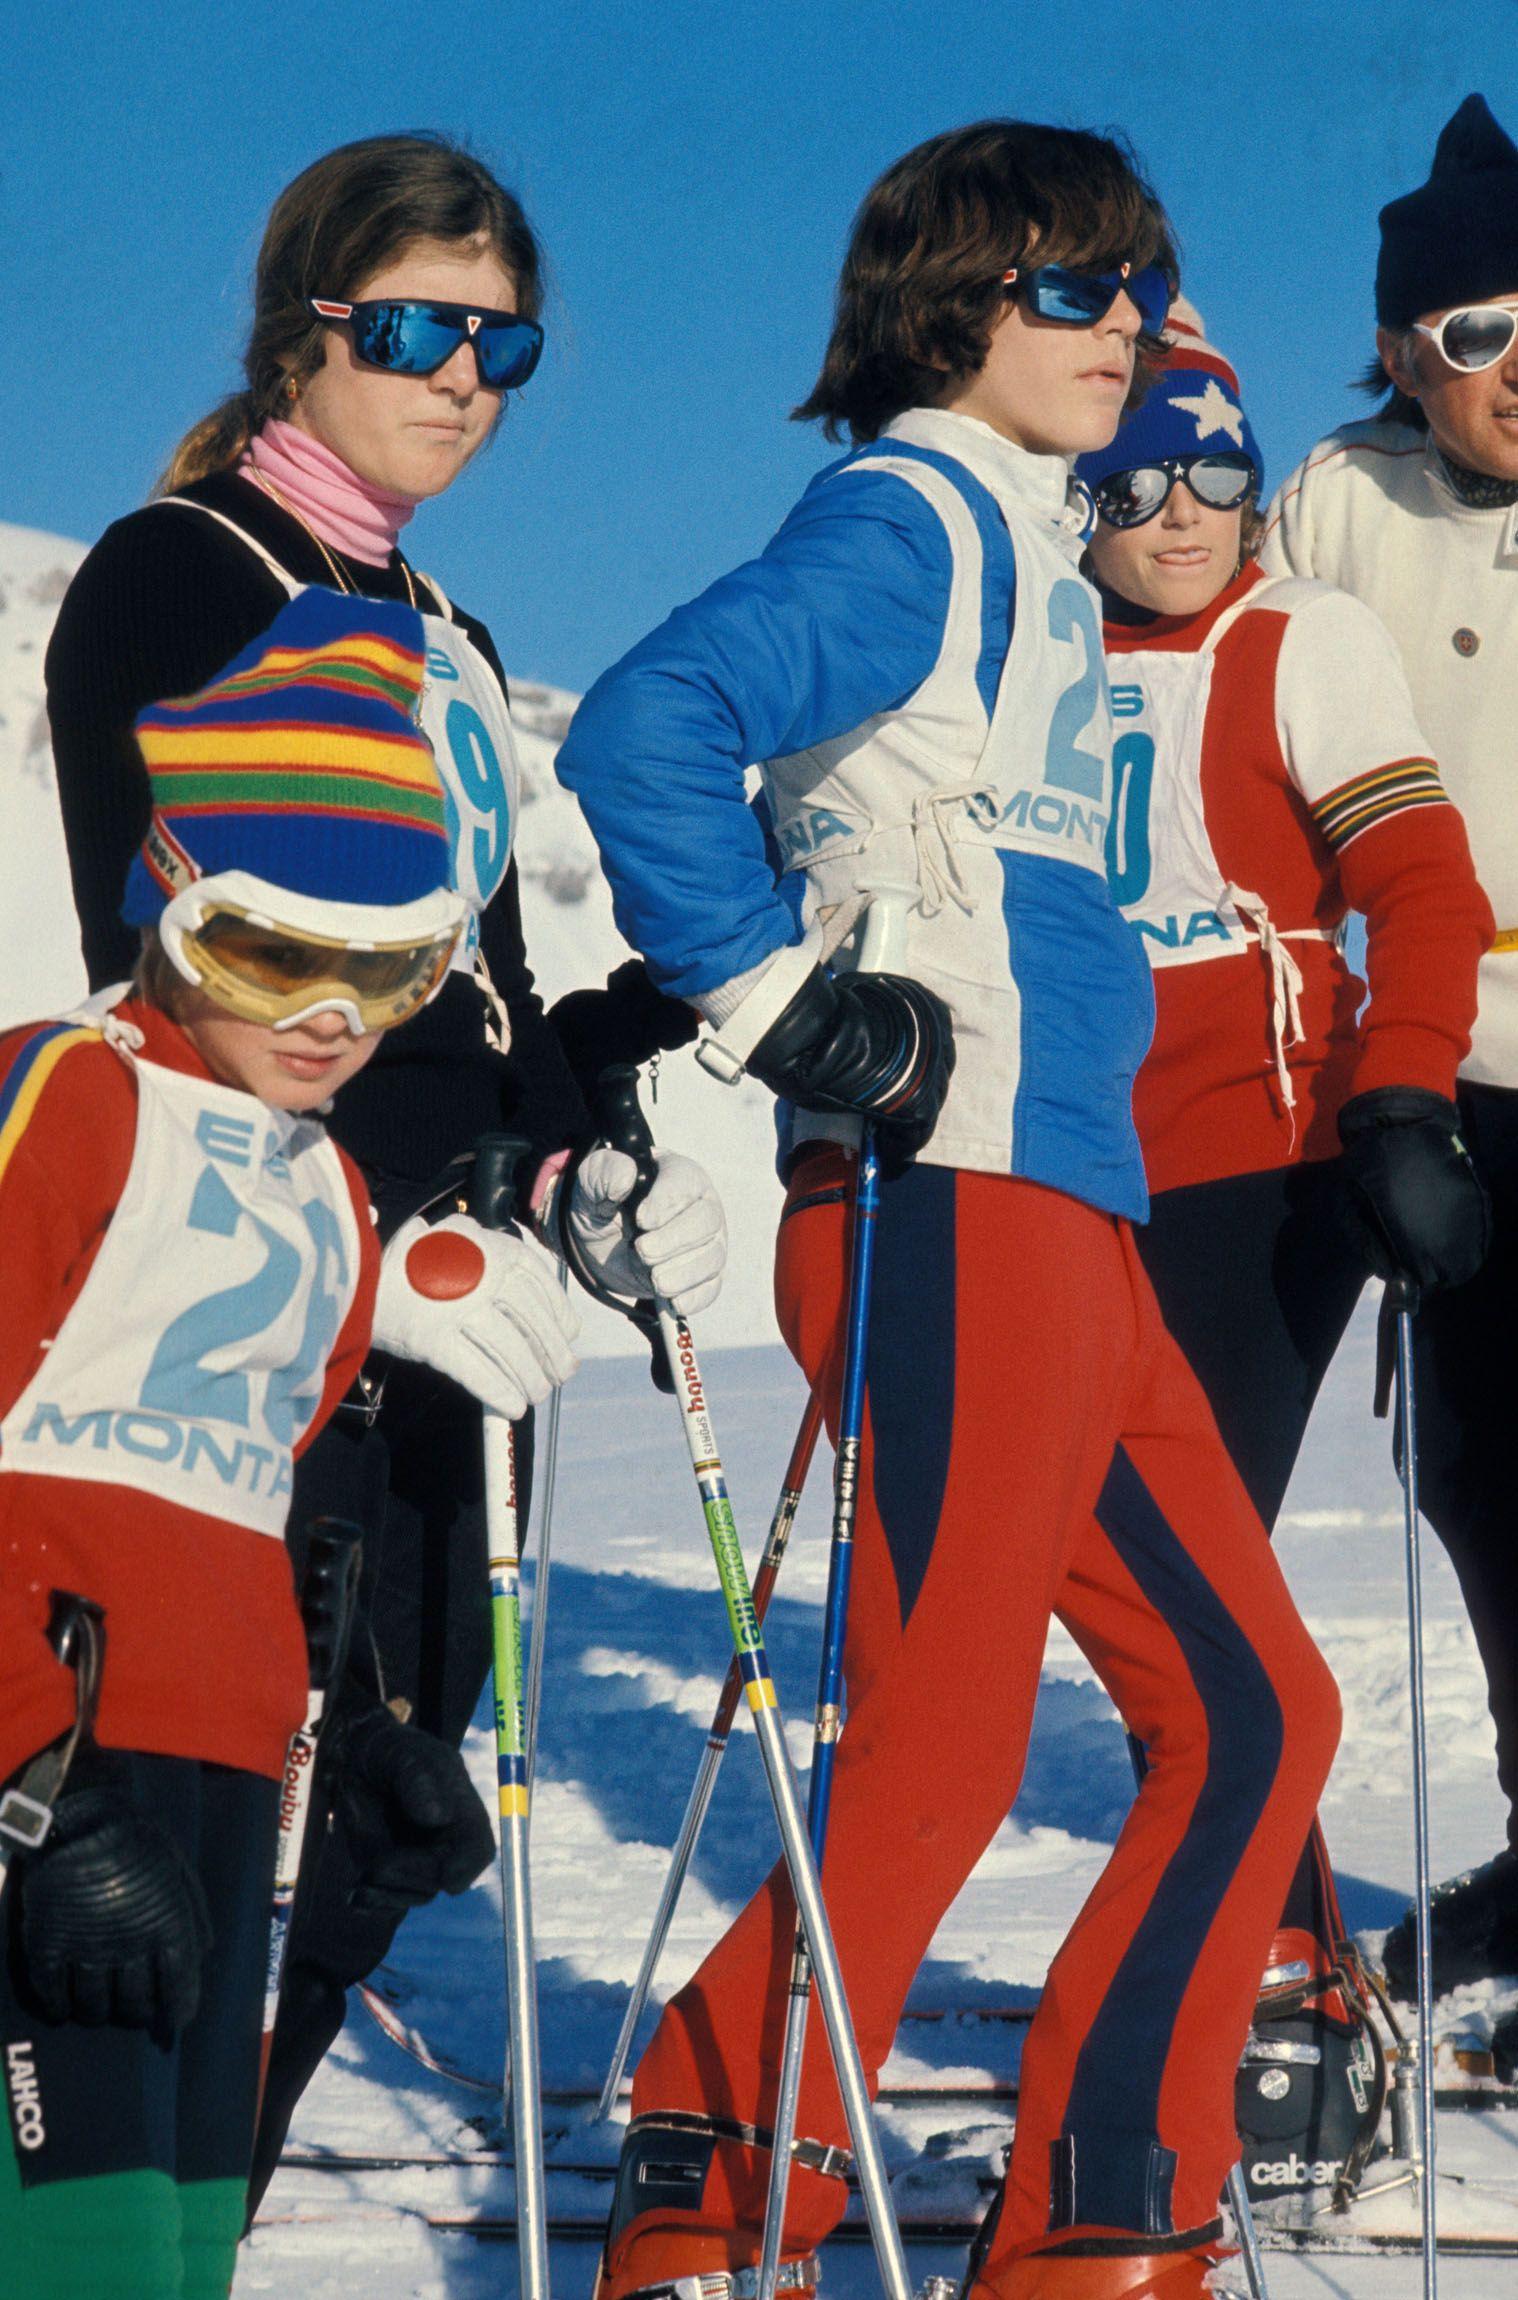 John F Kennedy Jr. skiing in Gstaadt, Switzerland on January 2, 1975.